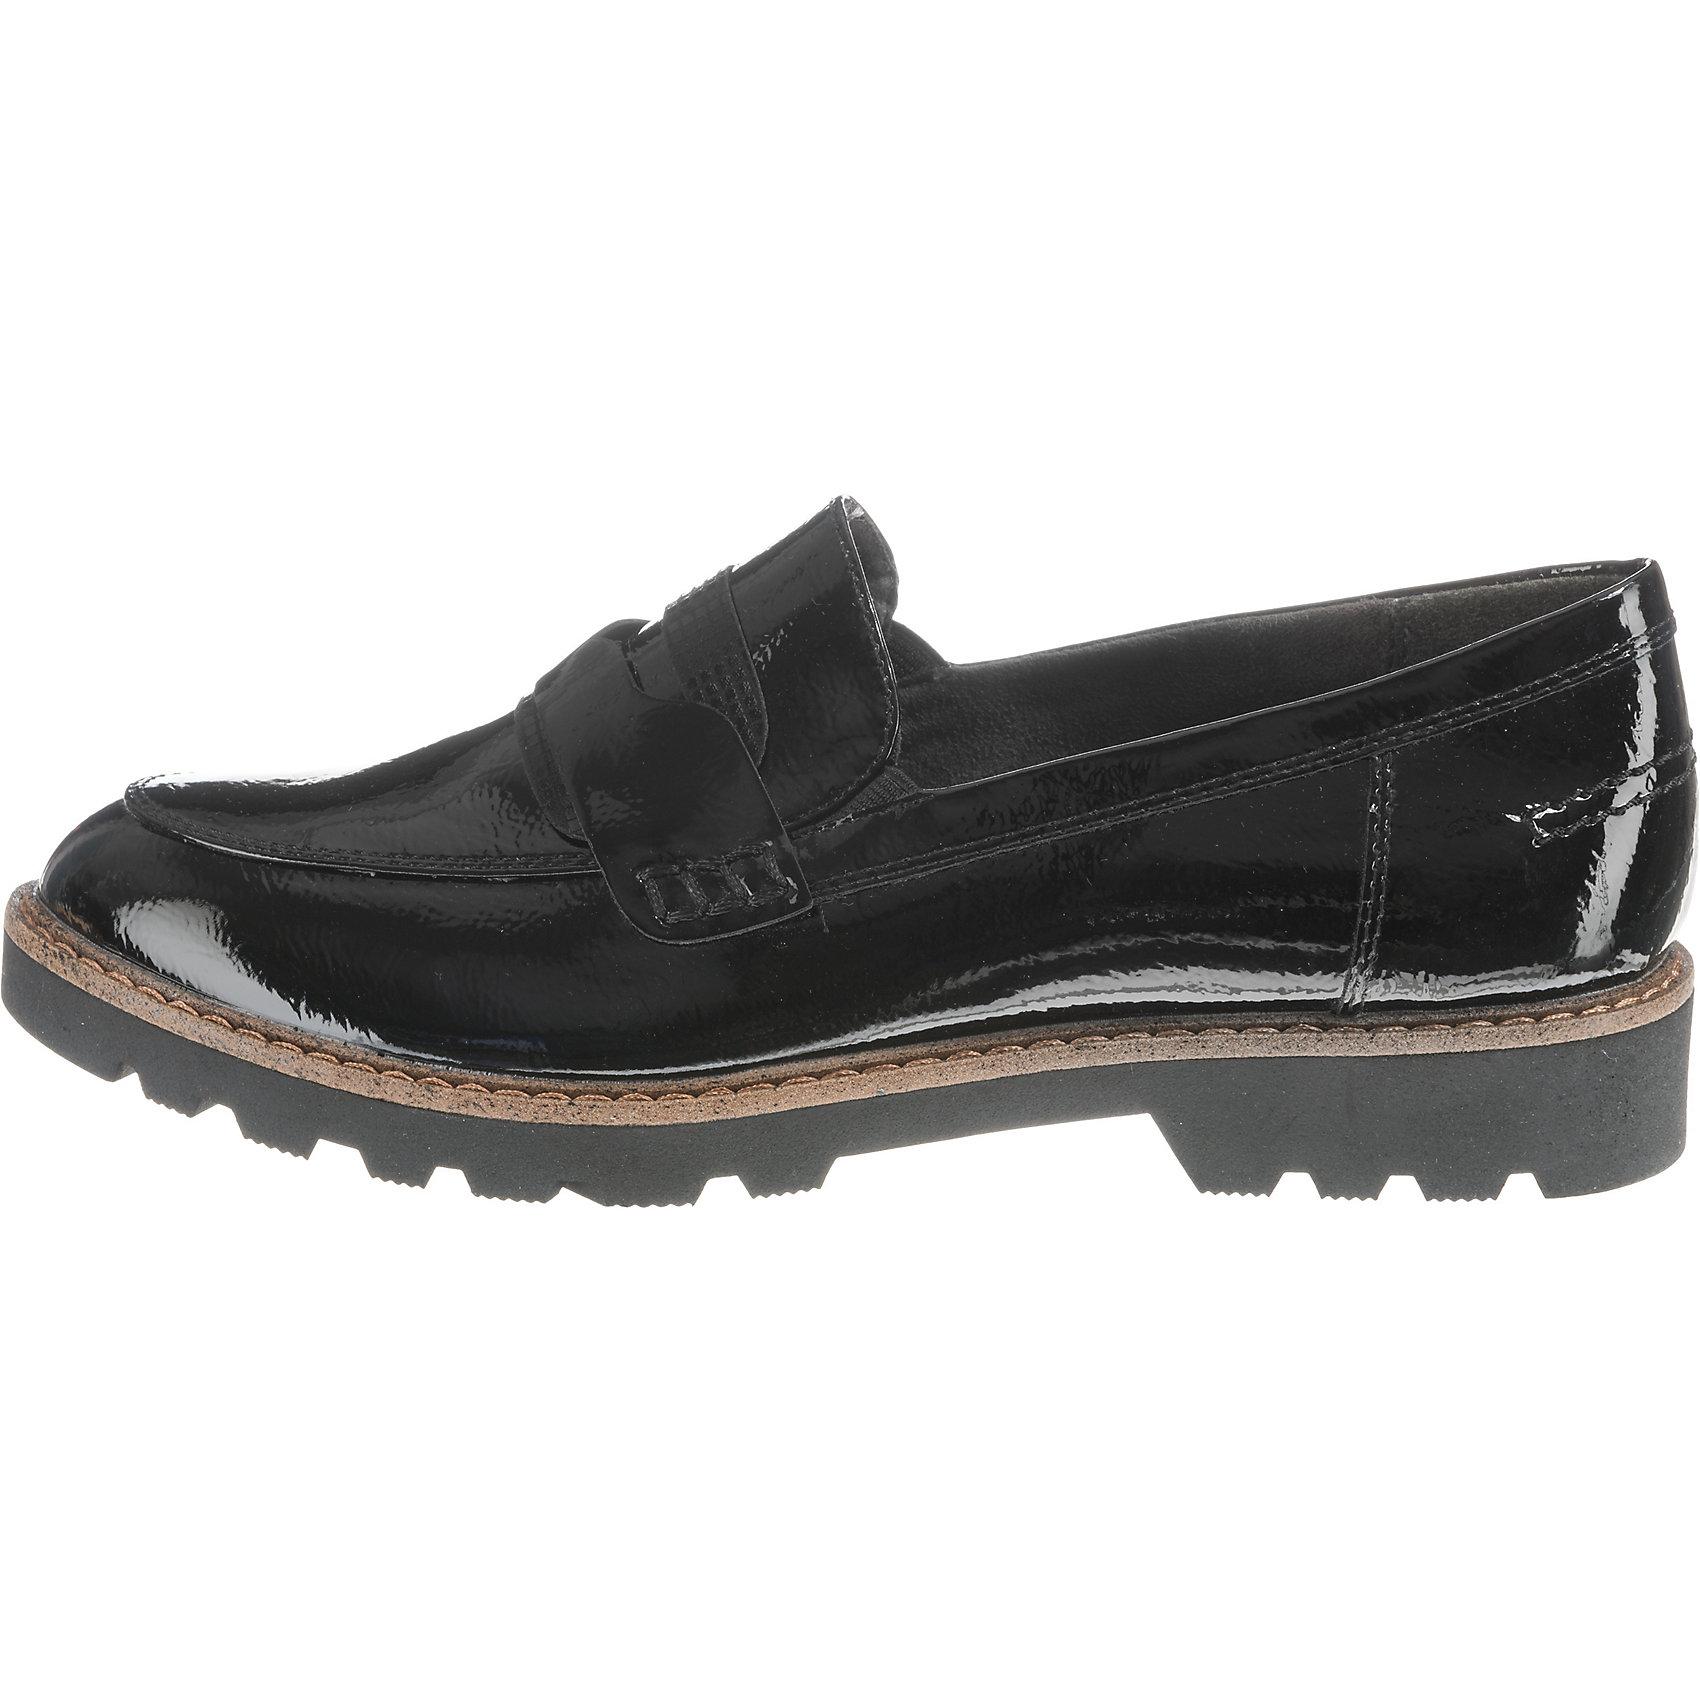 Neu Tamaris Loafers 8453908 für Damen schwarz schwarz-kombi